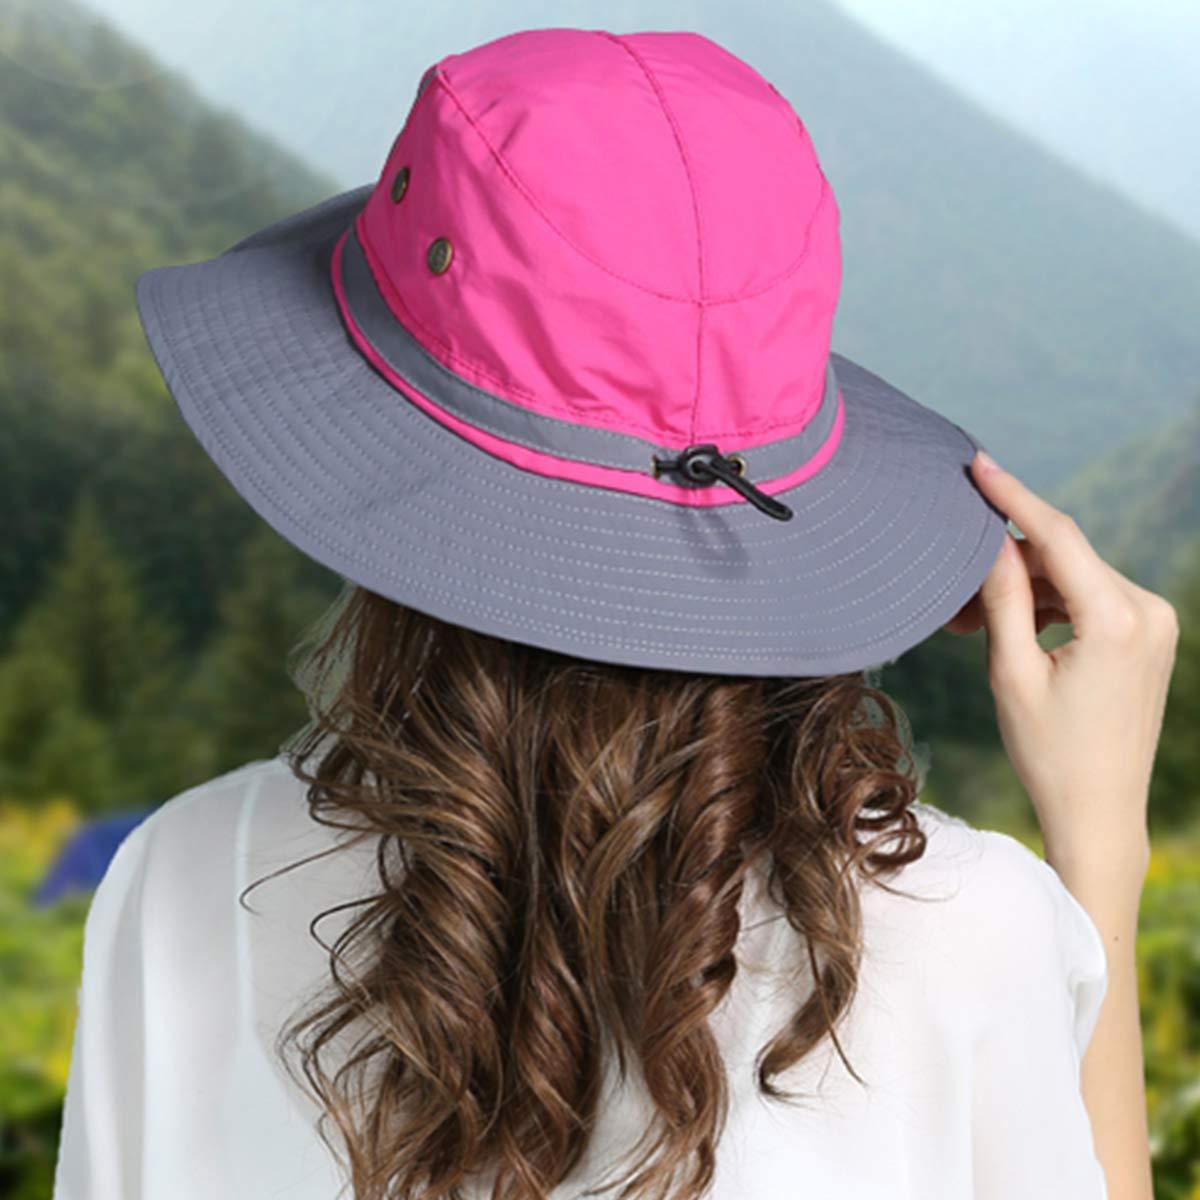 DORRISO Chapeau Soleil Unisexe Pliable Anti UV Outdoor Bucket Hat /Étanche Multifonction Chapeau de Voyage Casquette Polyester